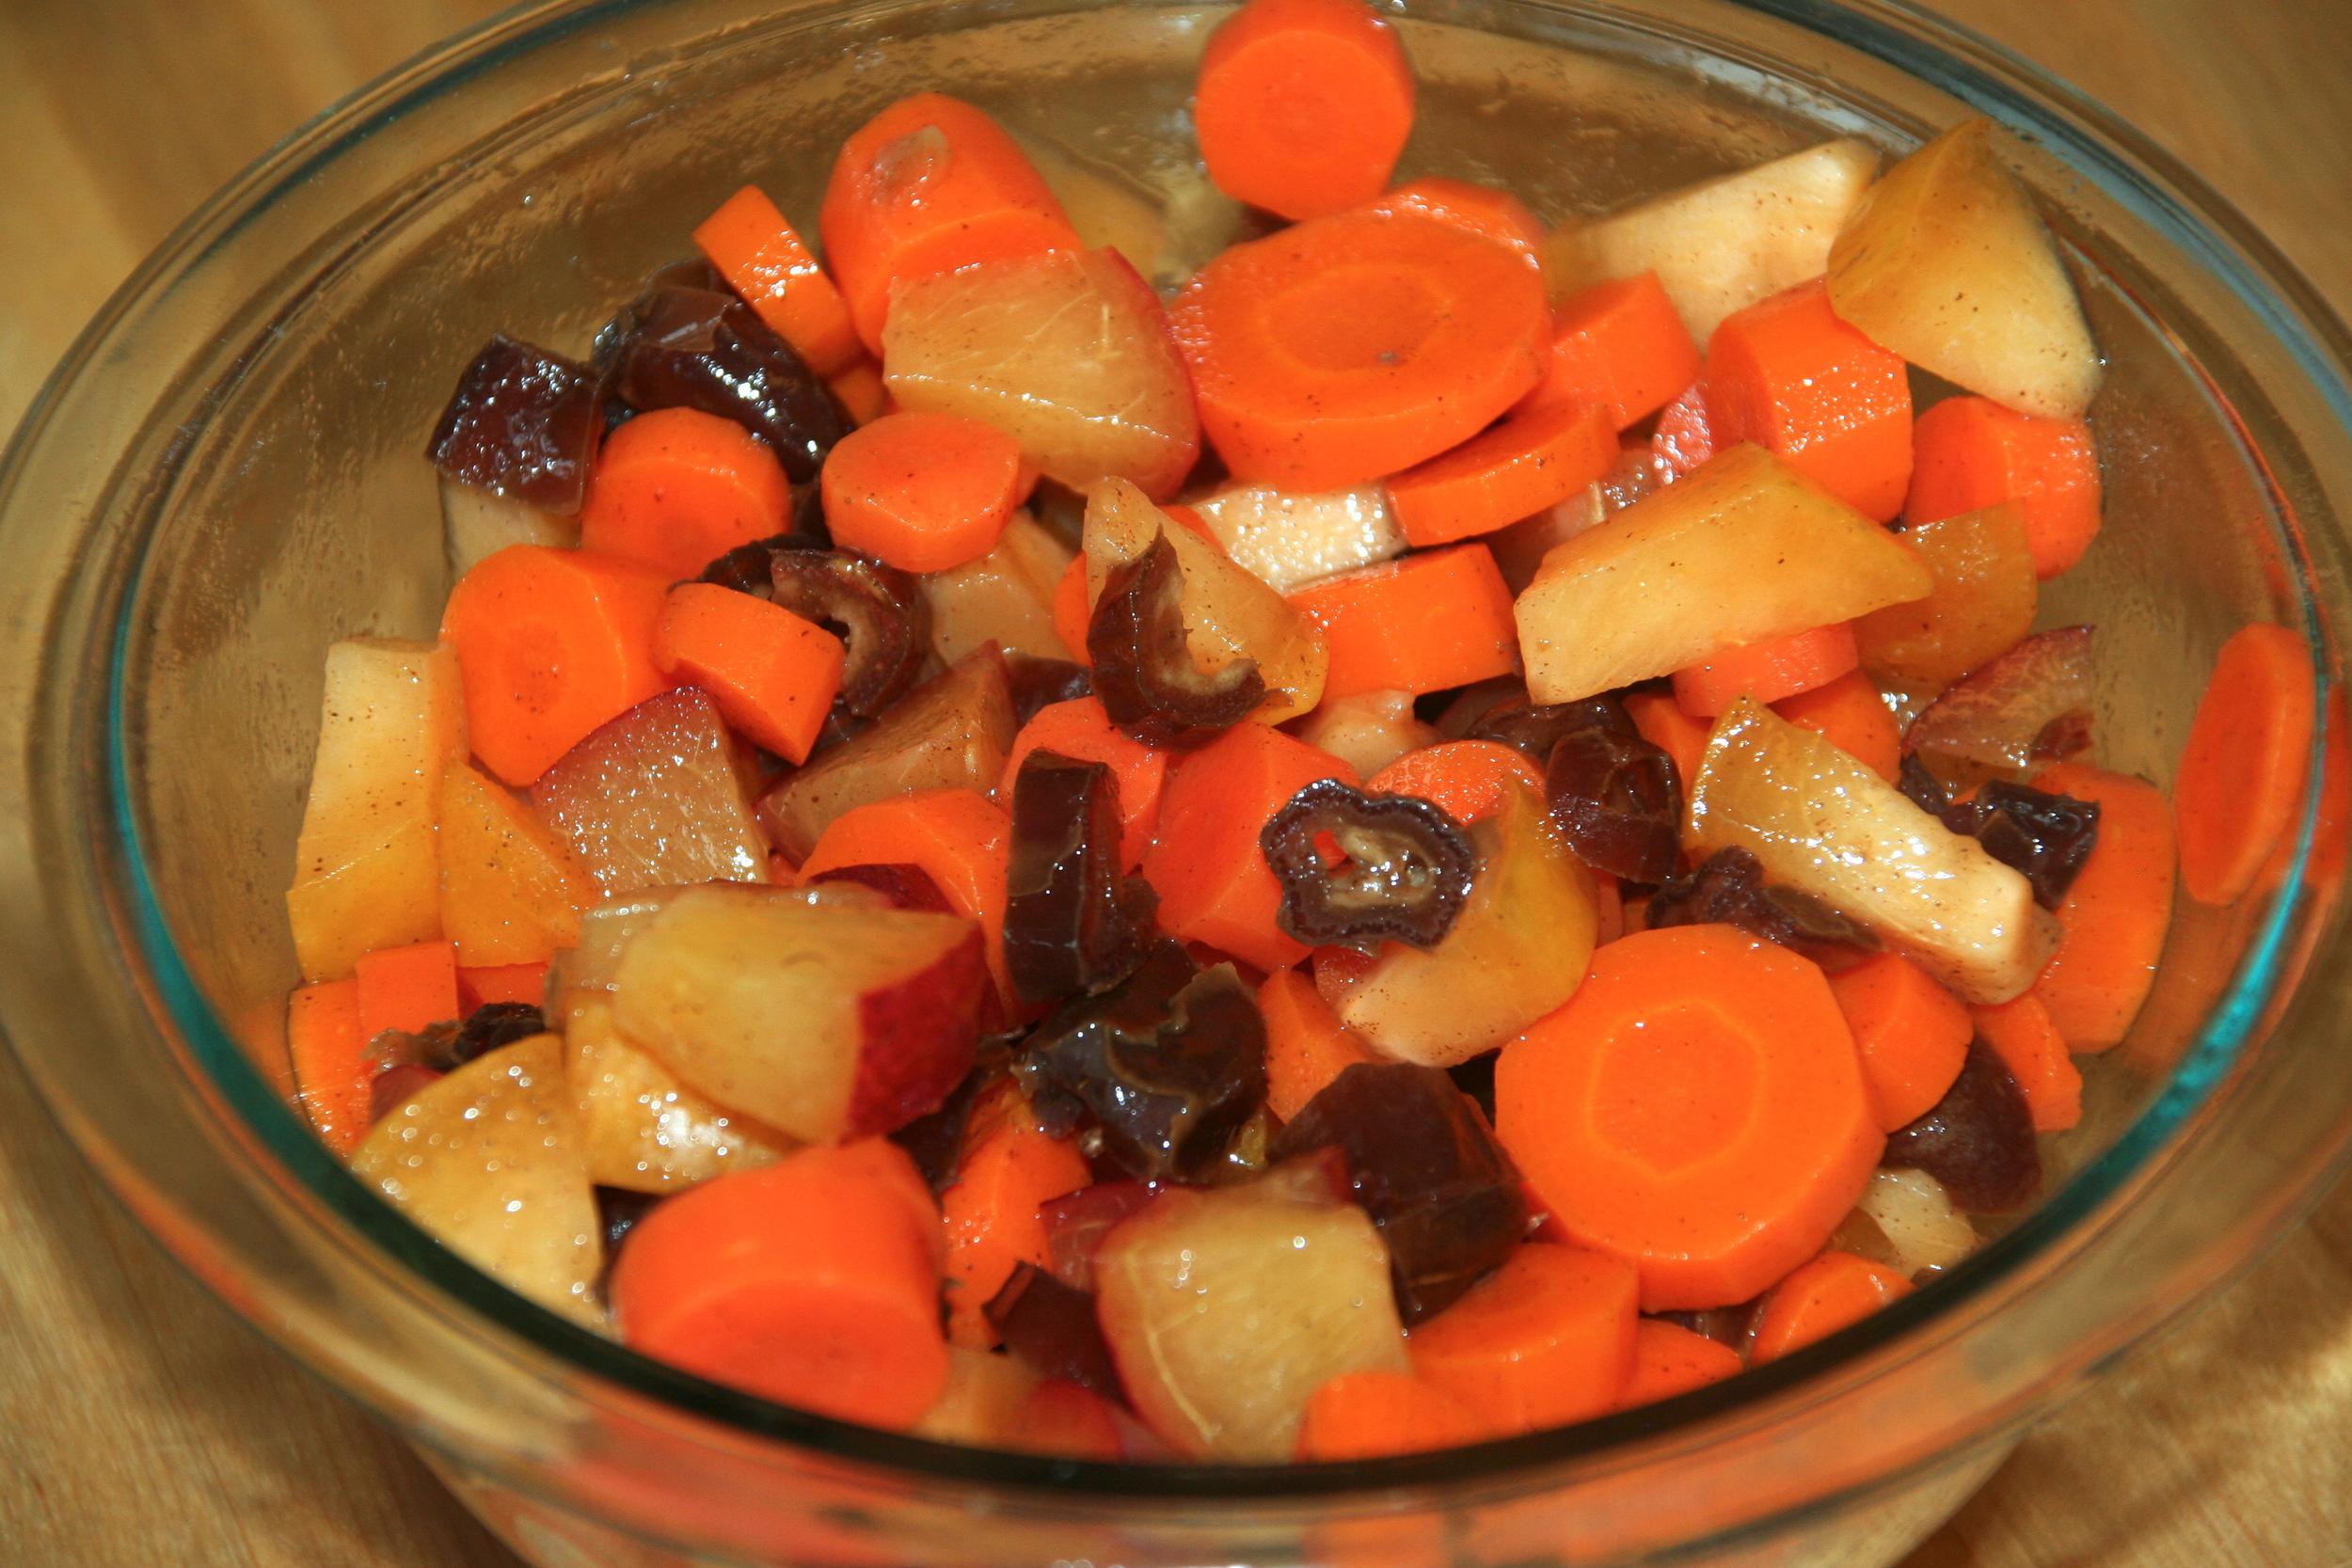 Carrots in a breakfast fruit salad!